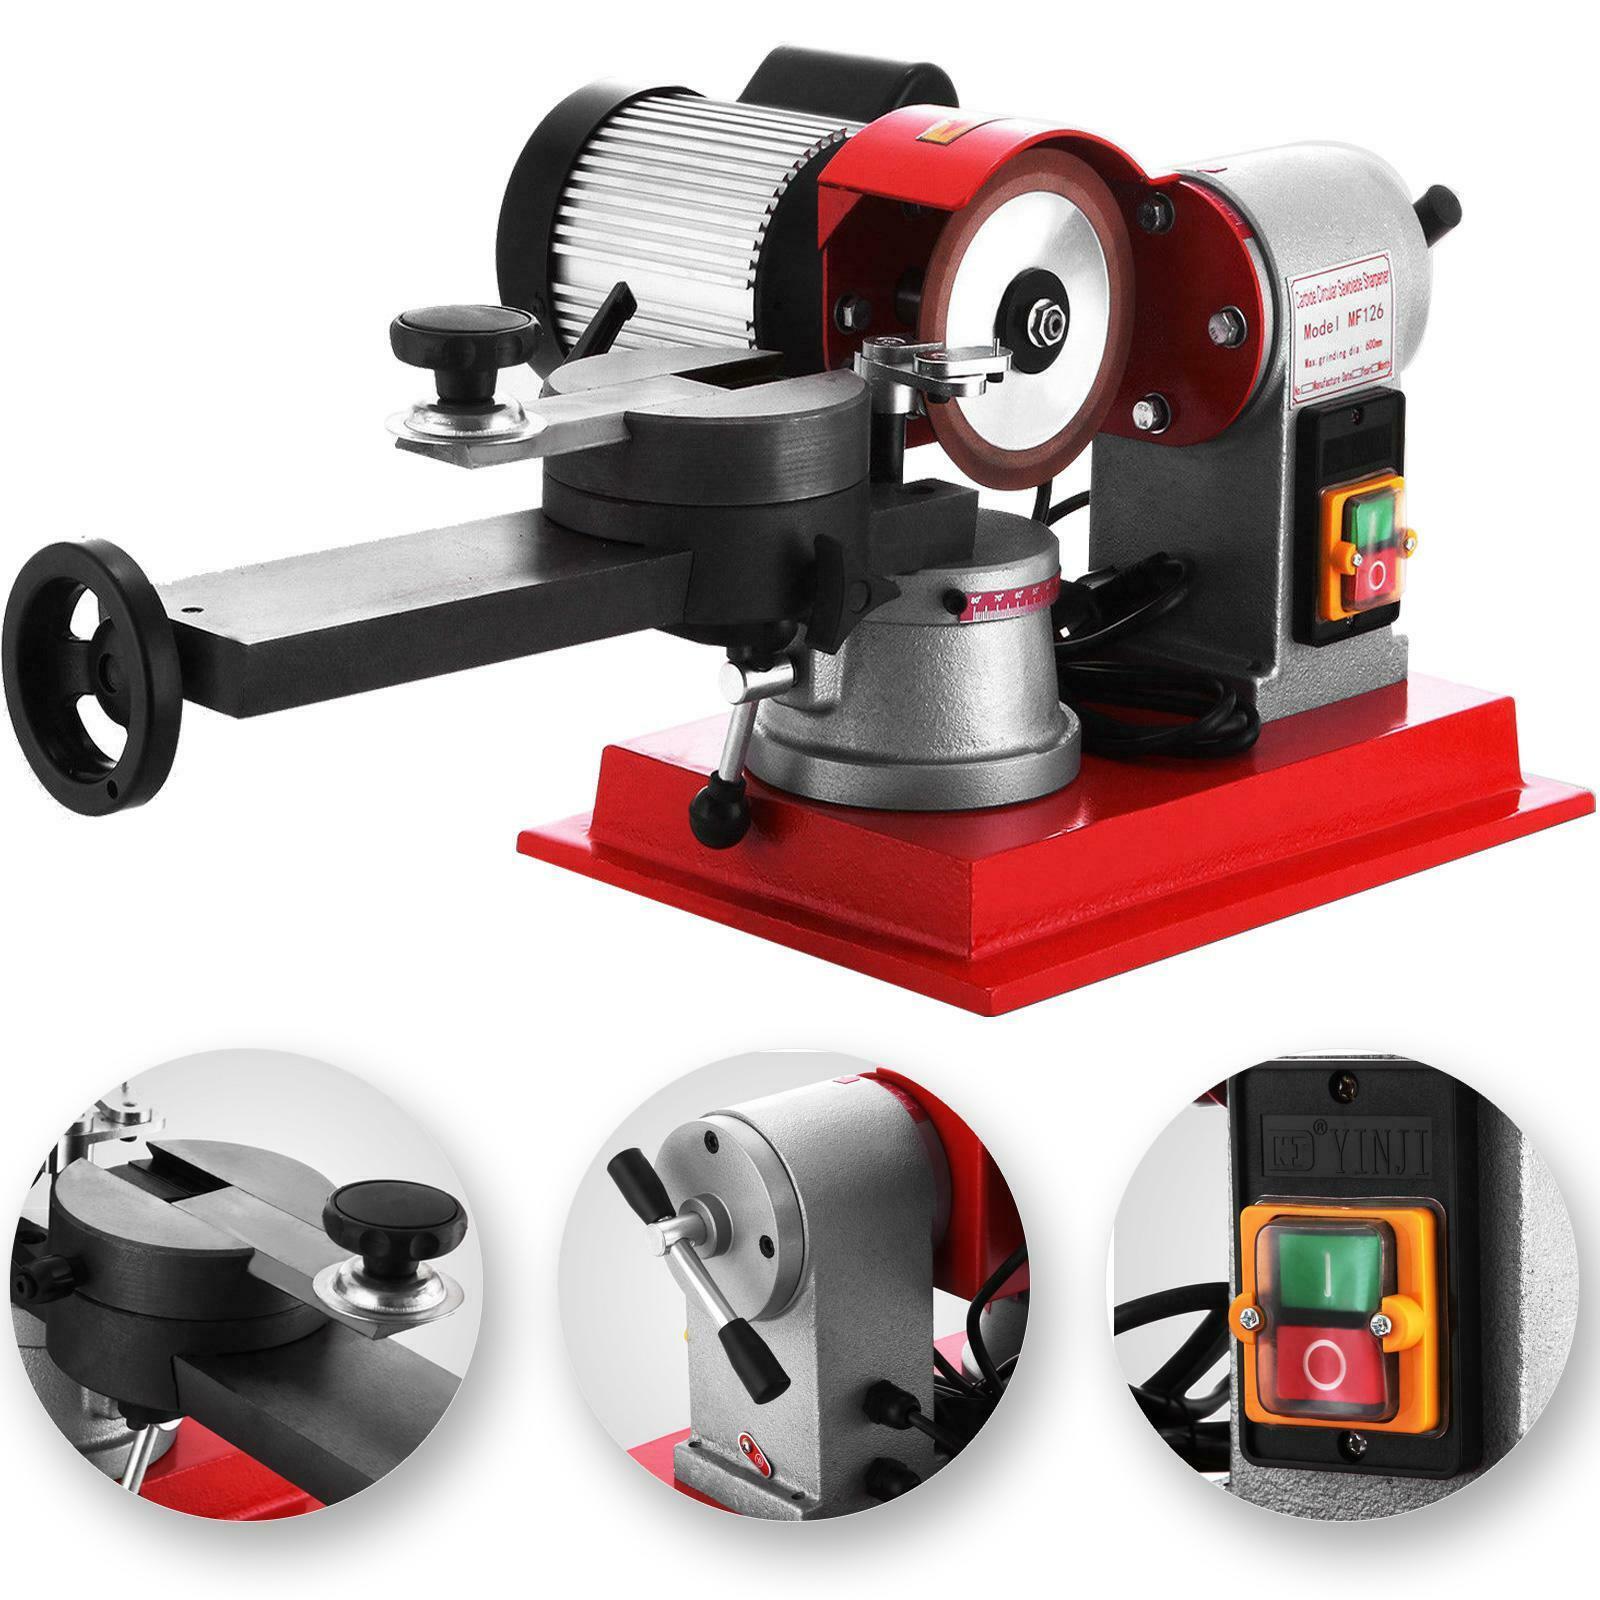 VEVOR Circular Saw Blade Grinder Sharpener Machine Heavy Duty Mill Grind Carbide